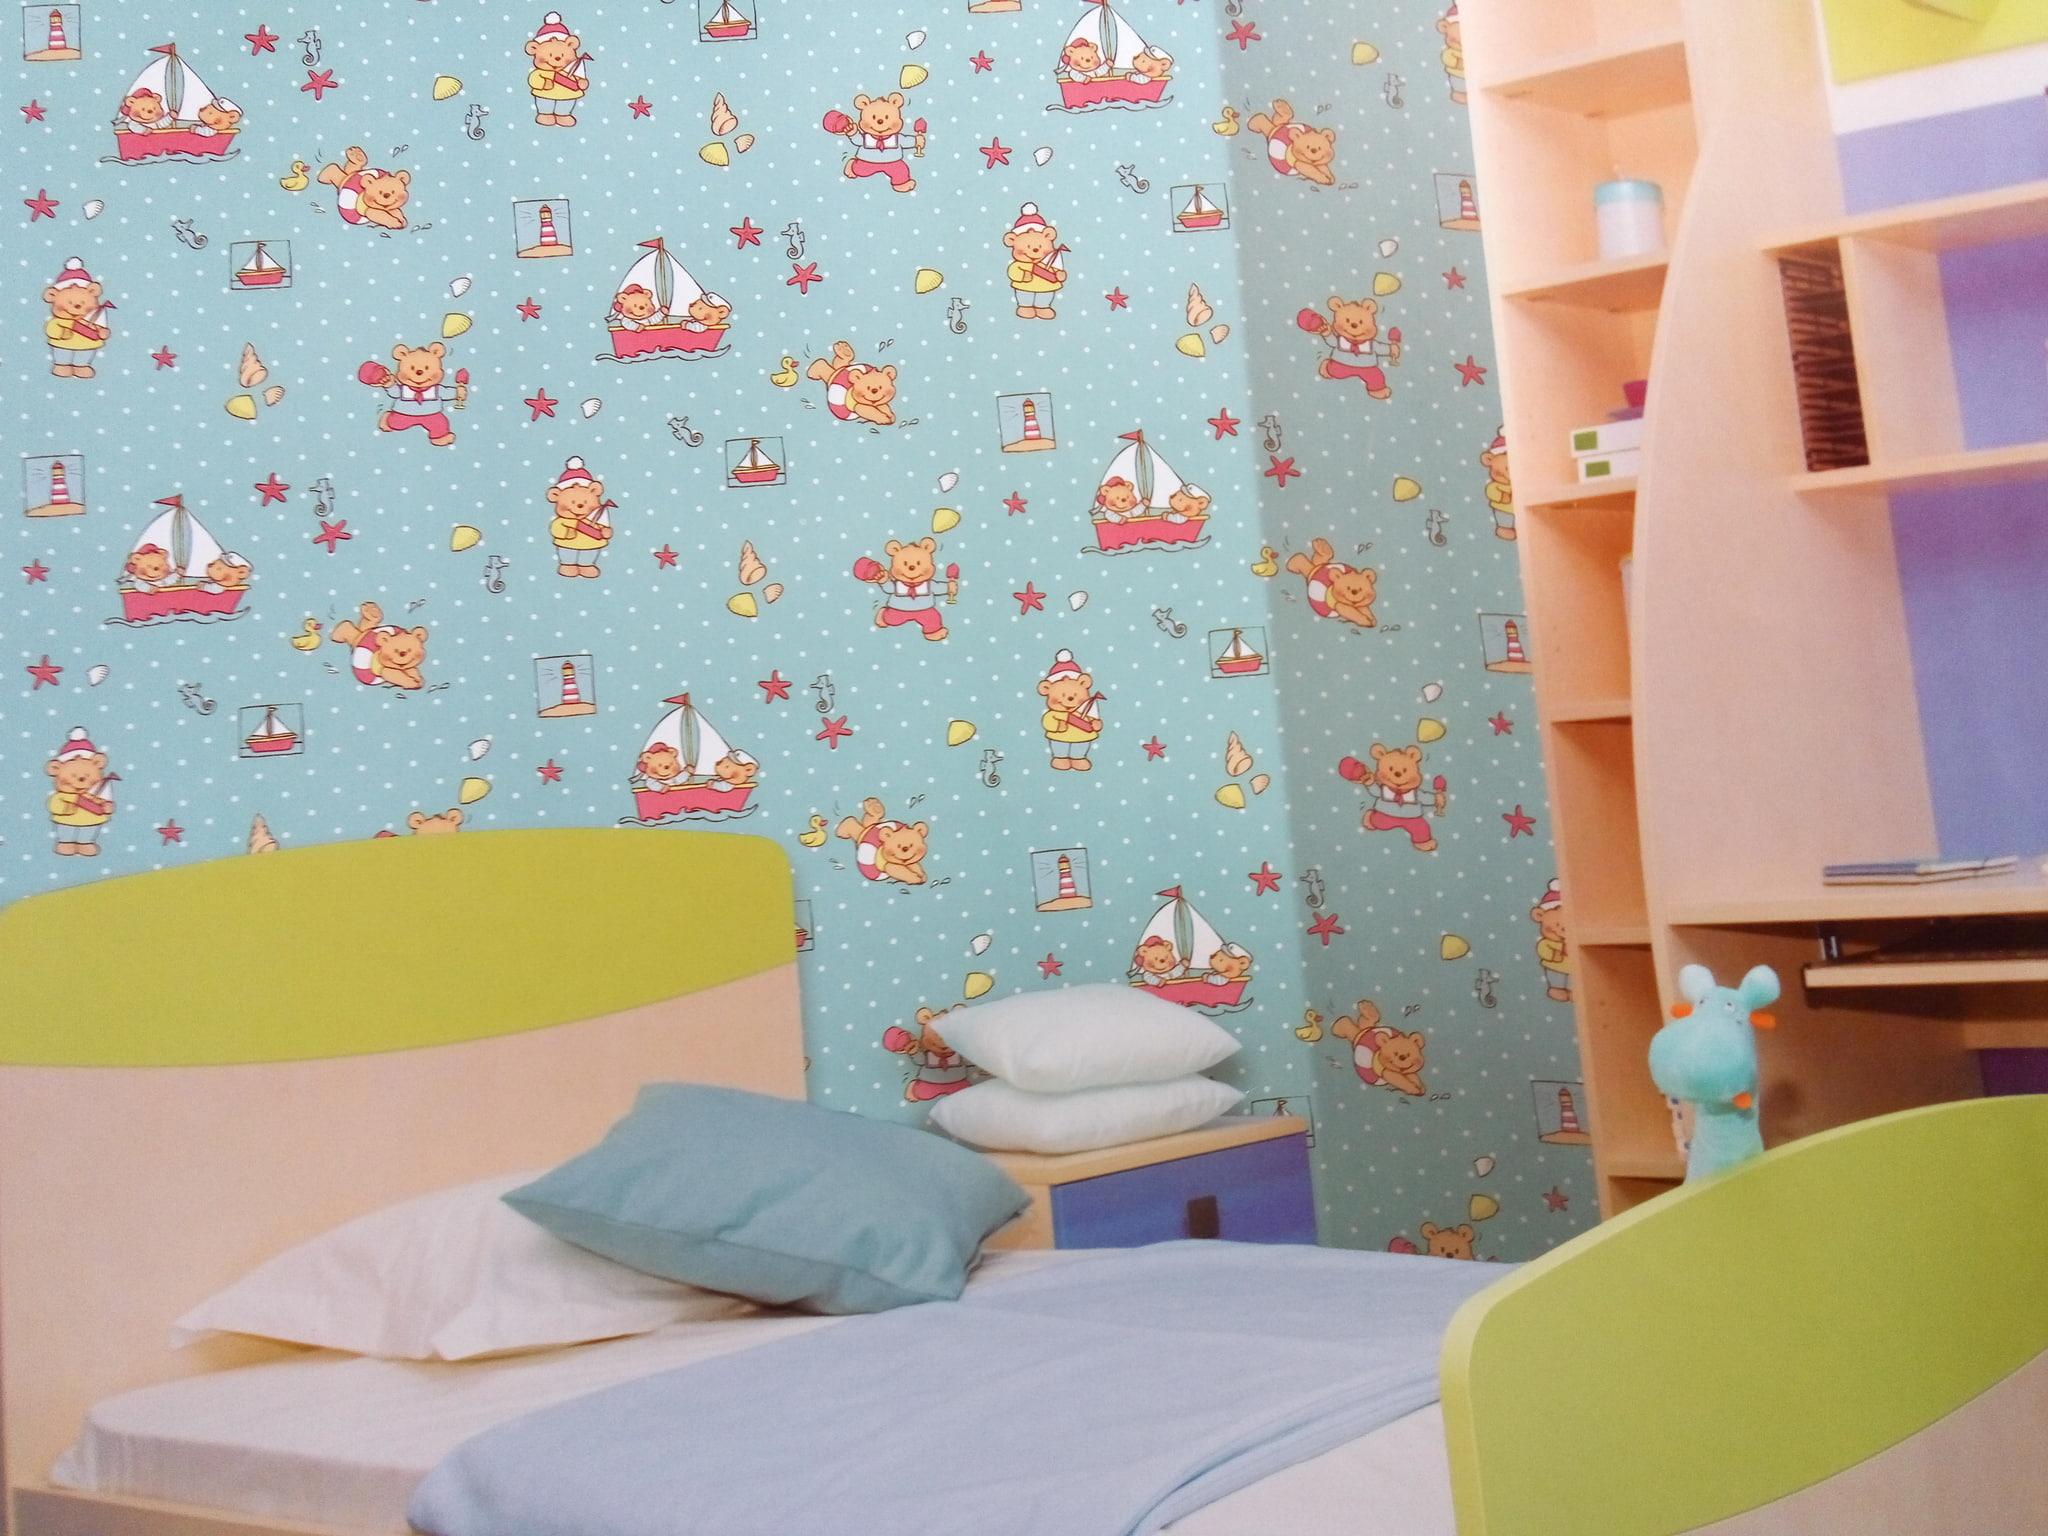 Jual Wallpaper Dinding Motif Anak Aurora Wallpaper Tiga Tokopedia